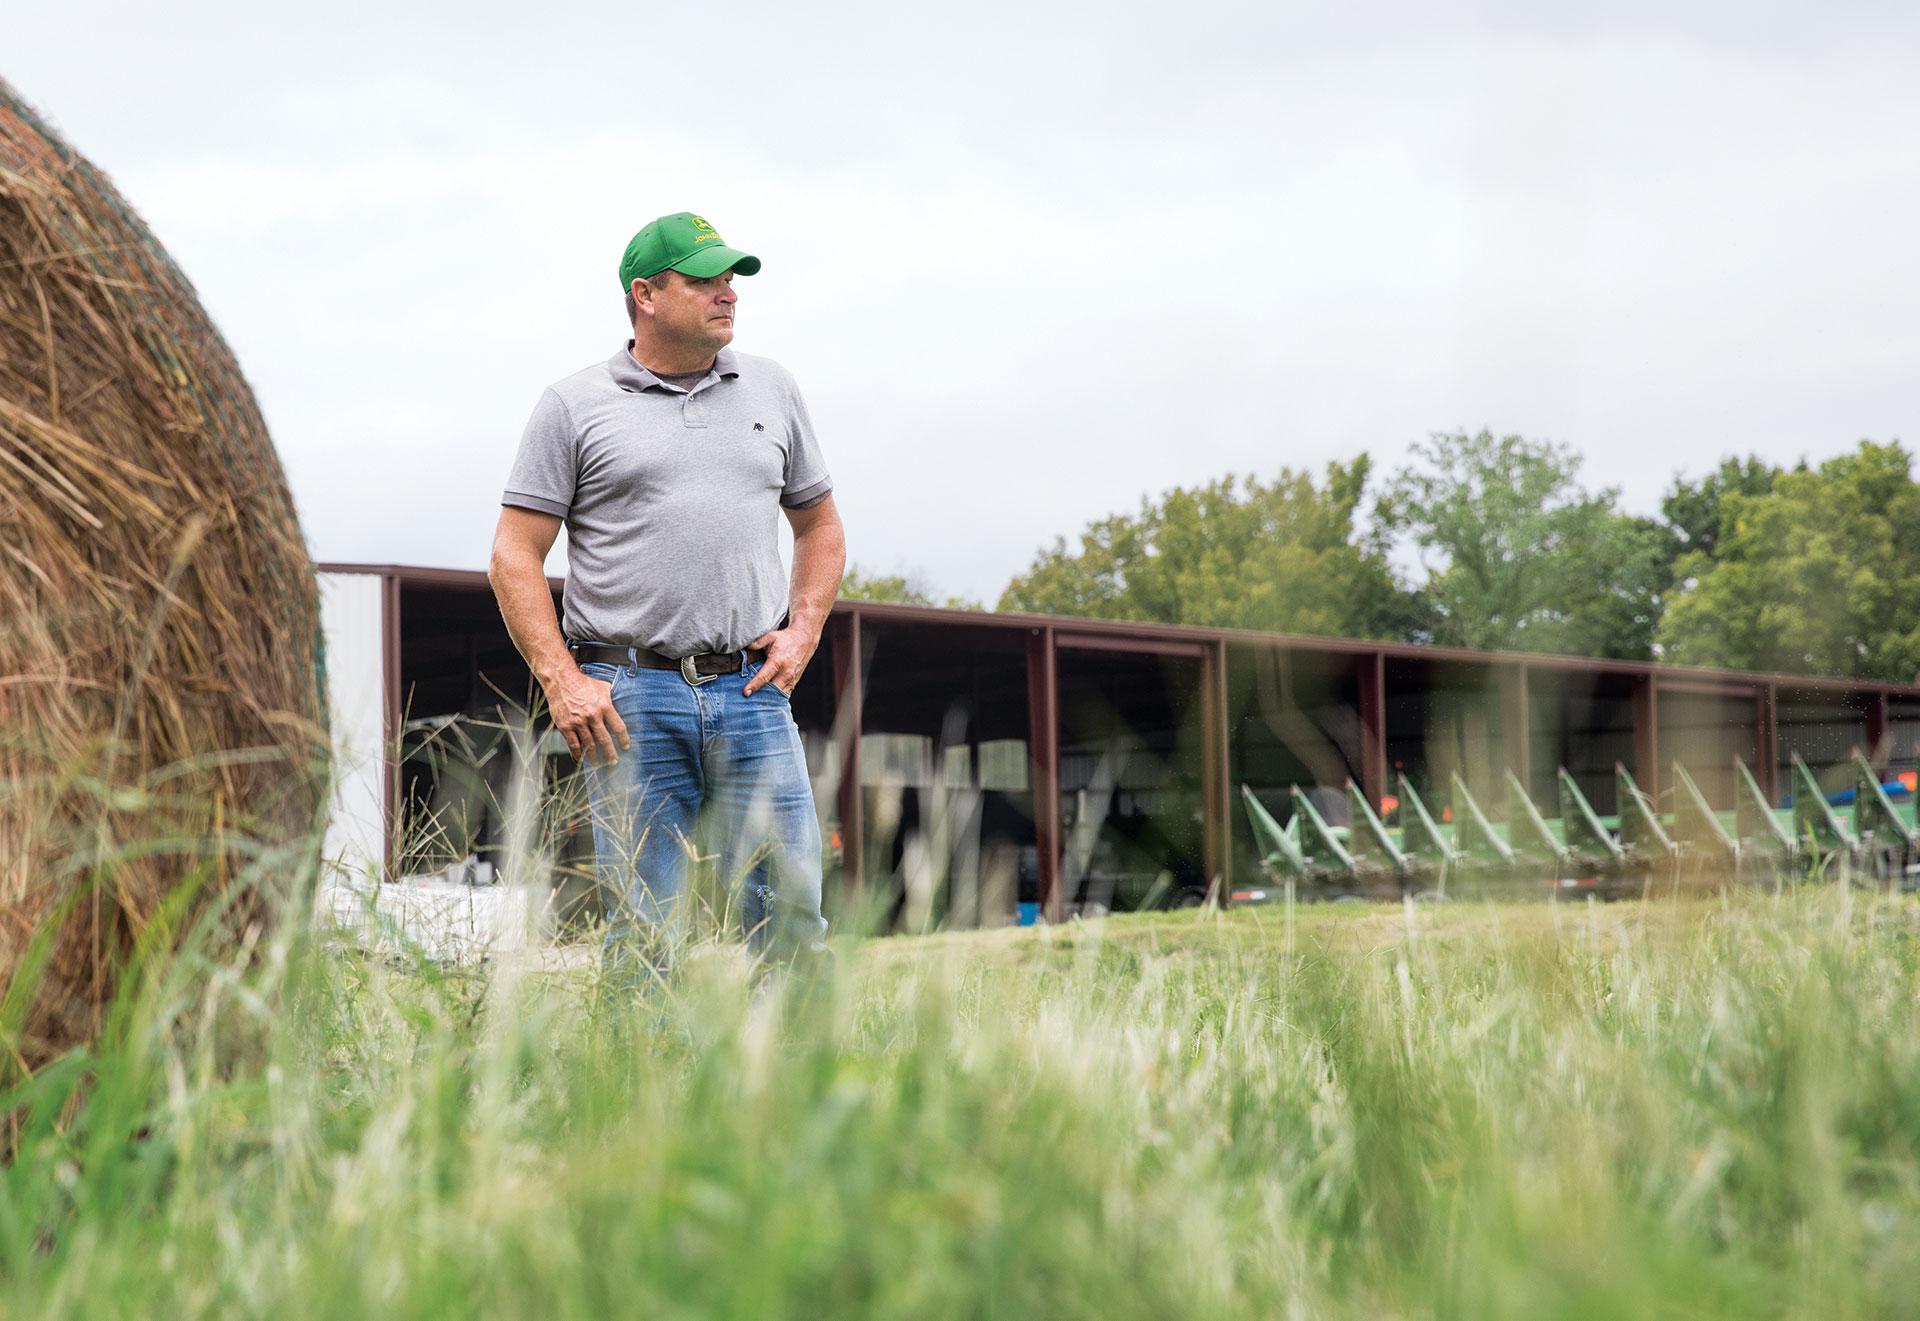 Farmer on the field with a John Deere hat